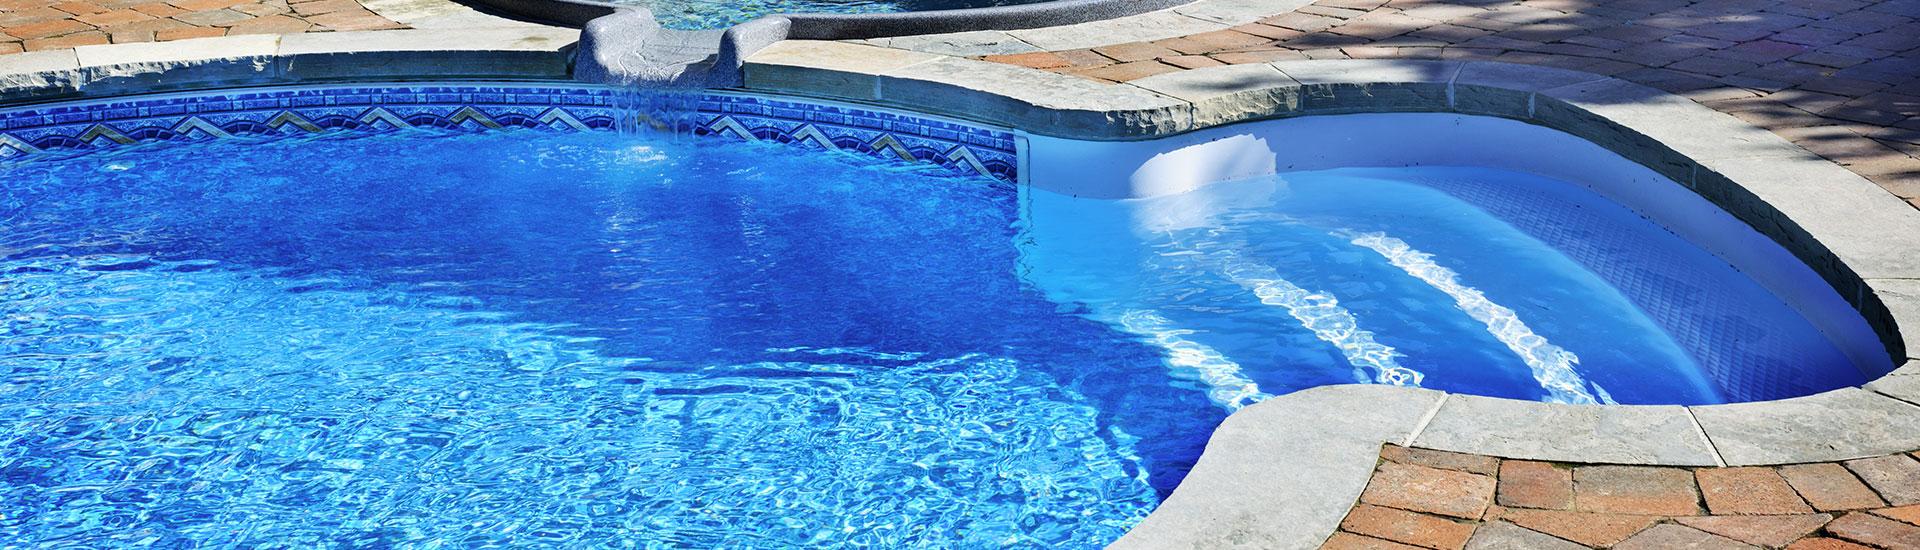 Conseils pour am nagement de l espace piscine for Rechauffer une piscine